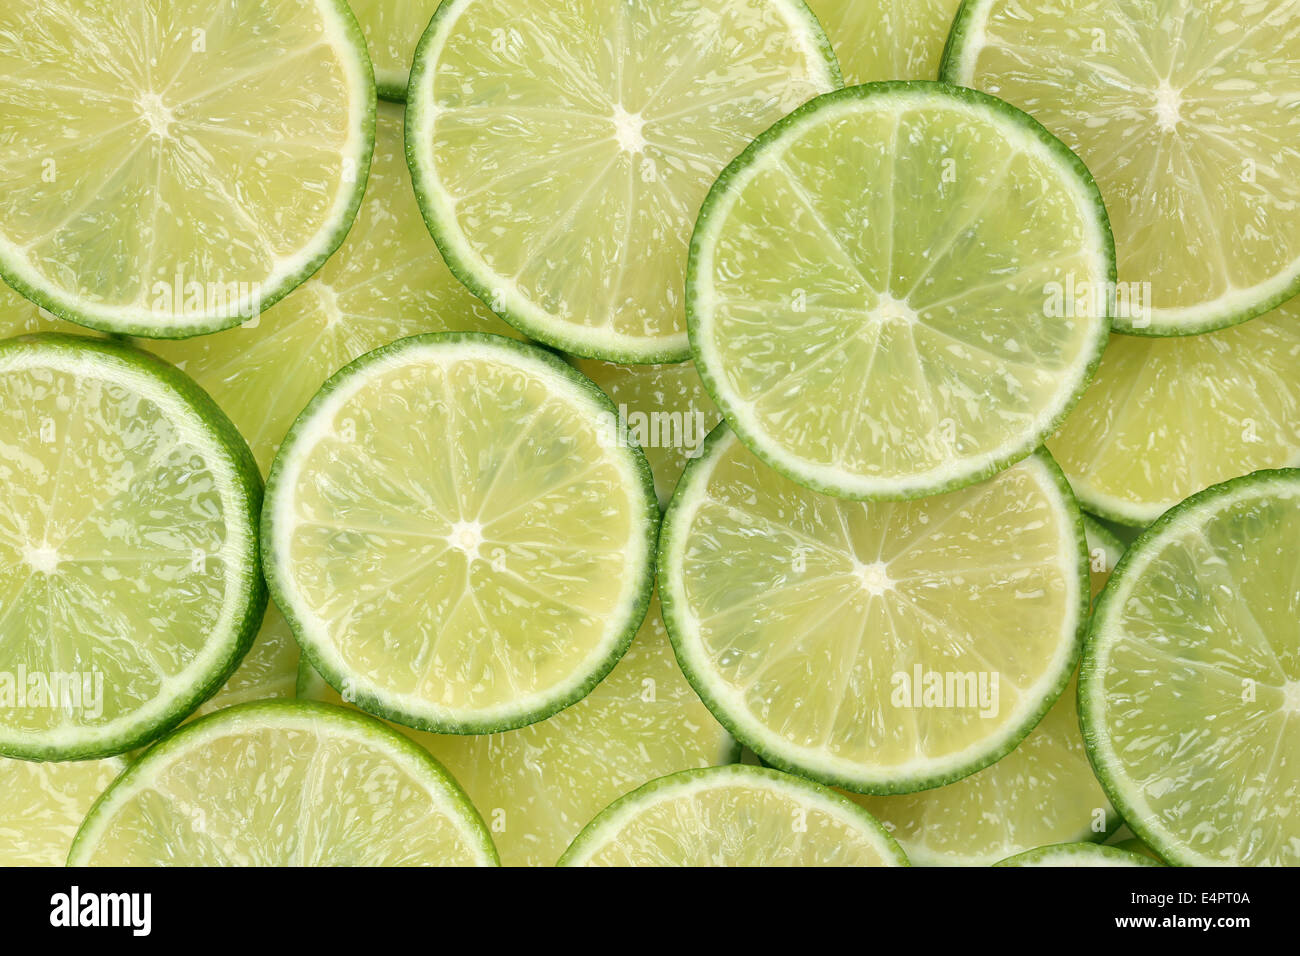 Contexte fabriqués à partir de tranches de lime agrumes Photo Stock